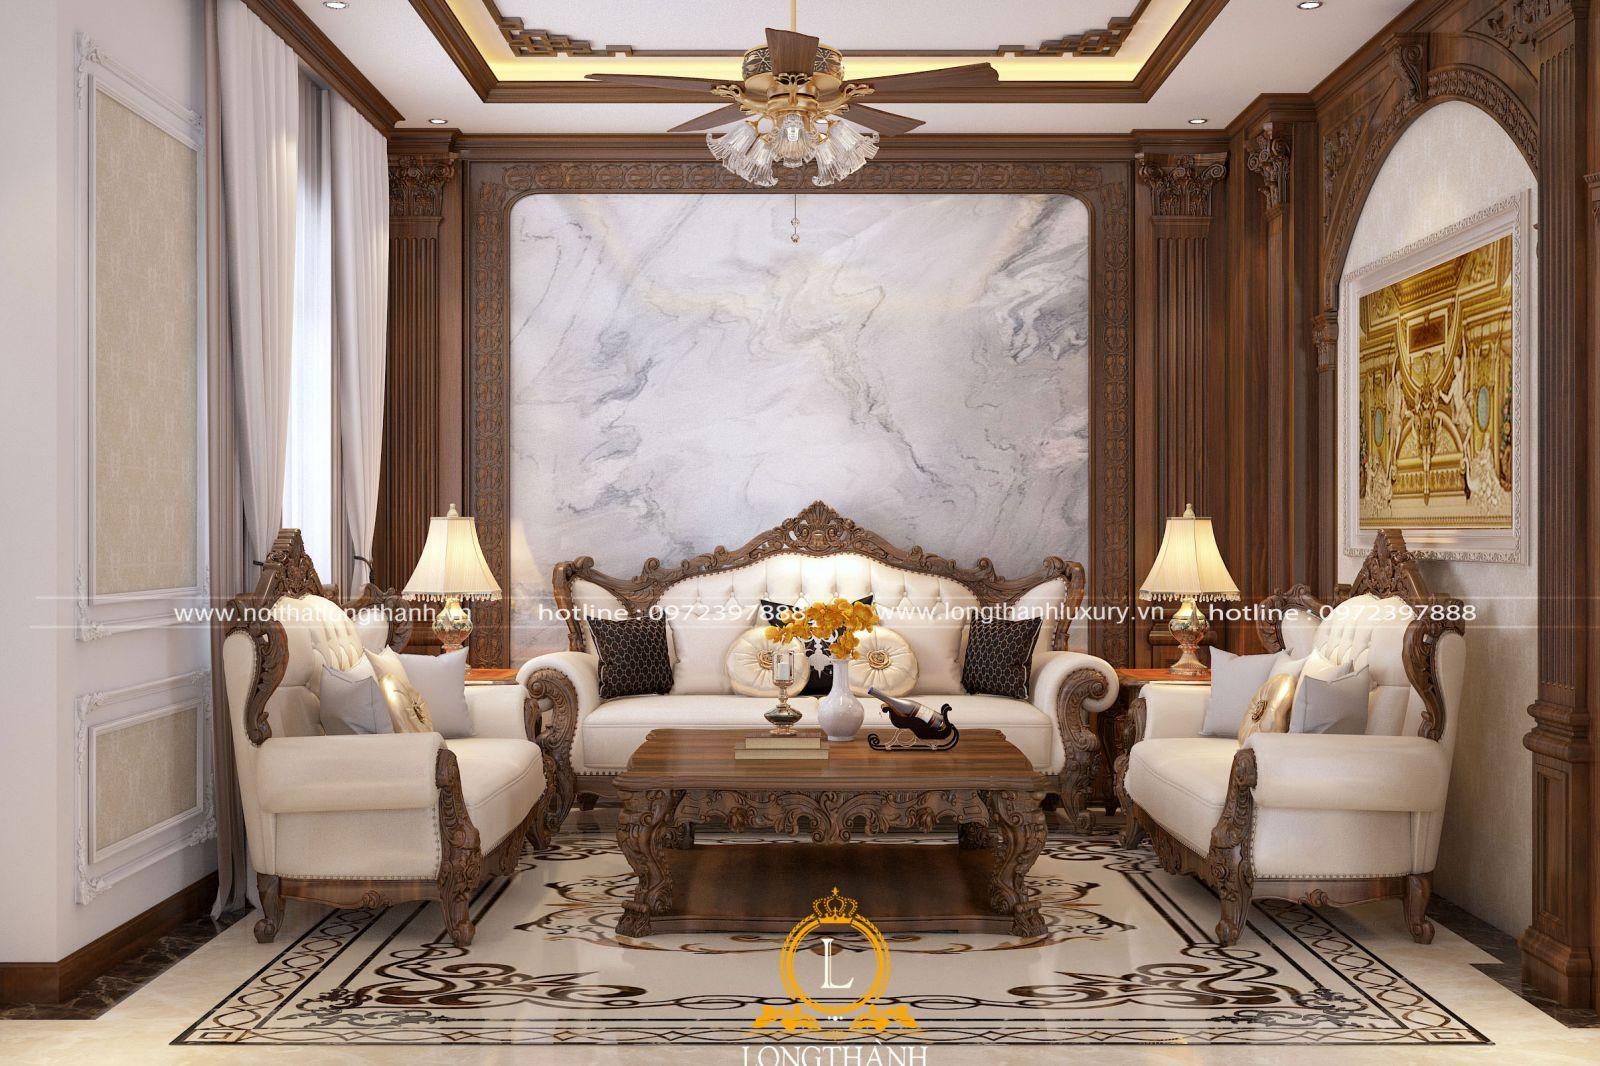 Những mẫu sofa cho phòng khách diện tích nhỏ, đảm bảo vừa đẹp vừa sang